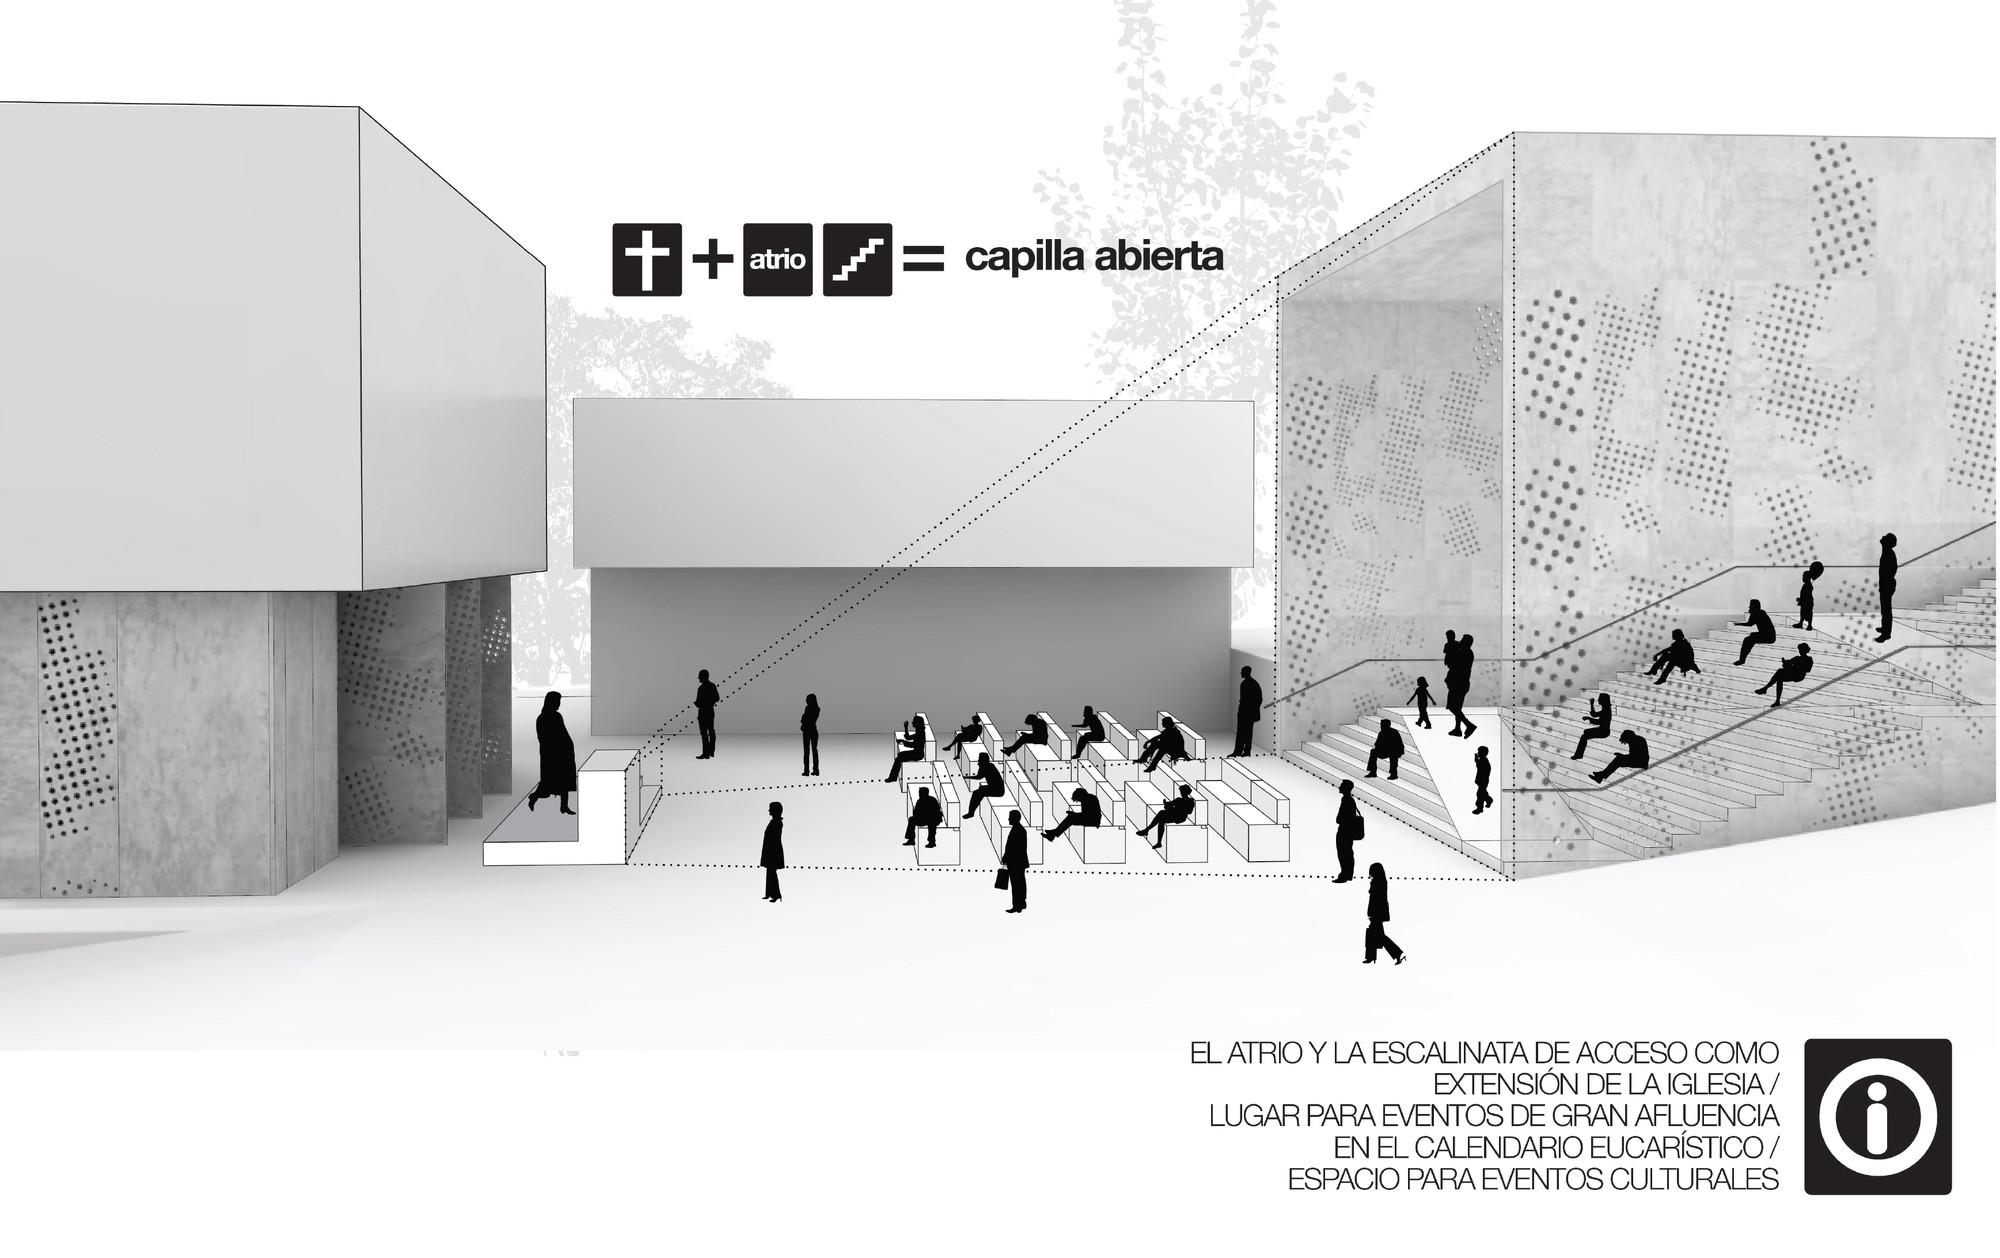 Multifuncionalidad del umbral. Image Courtesy of Taller de arquitectura Singular